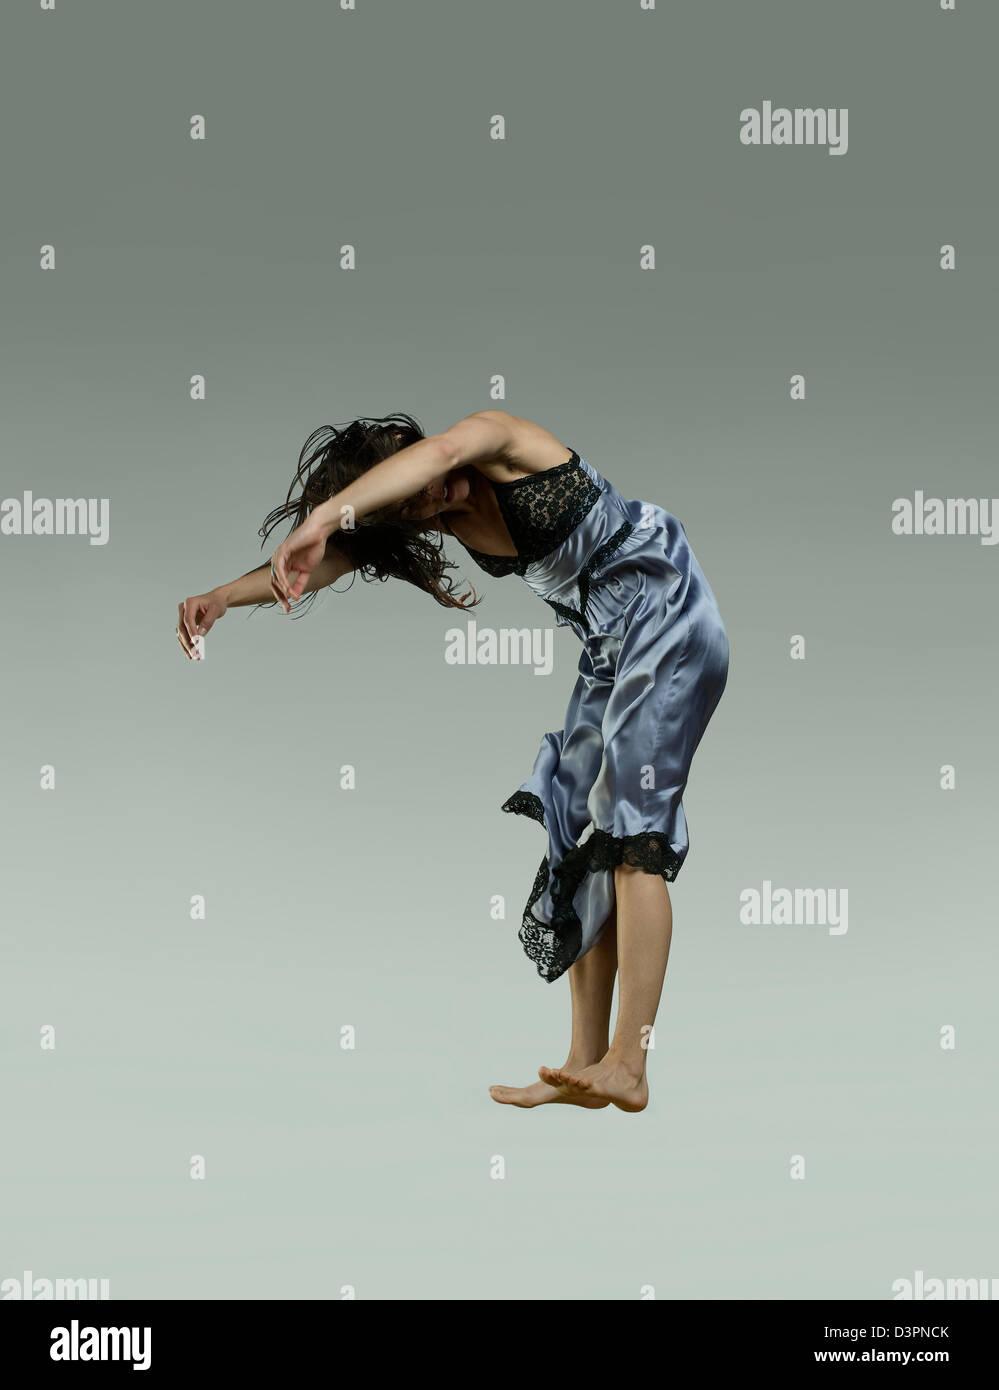 Menschen schweben in der Luft eingefroren Stockbild